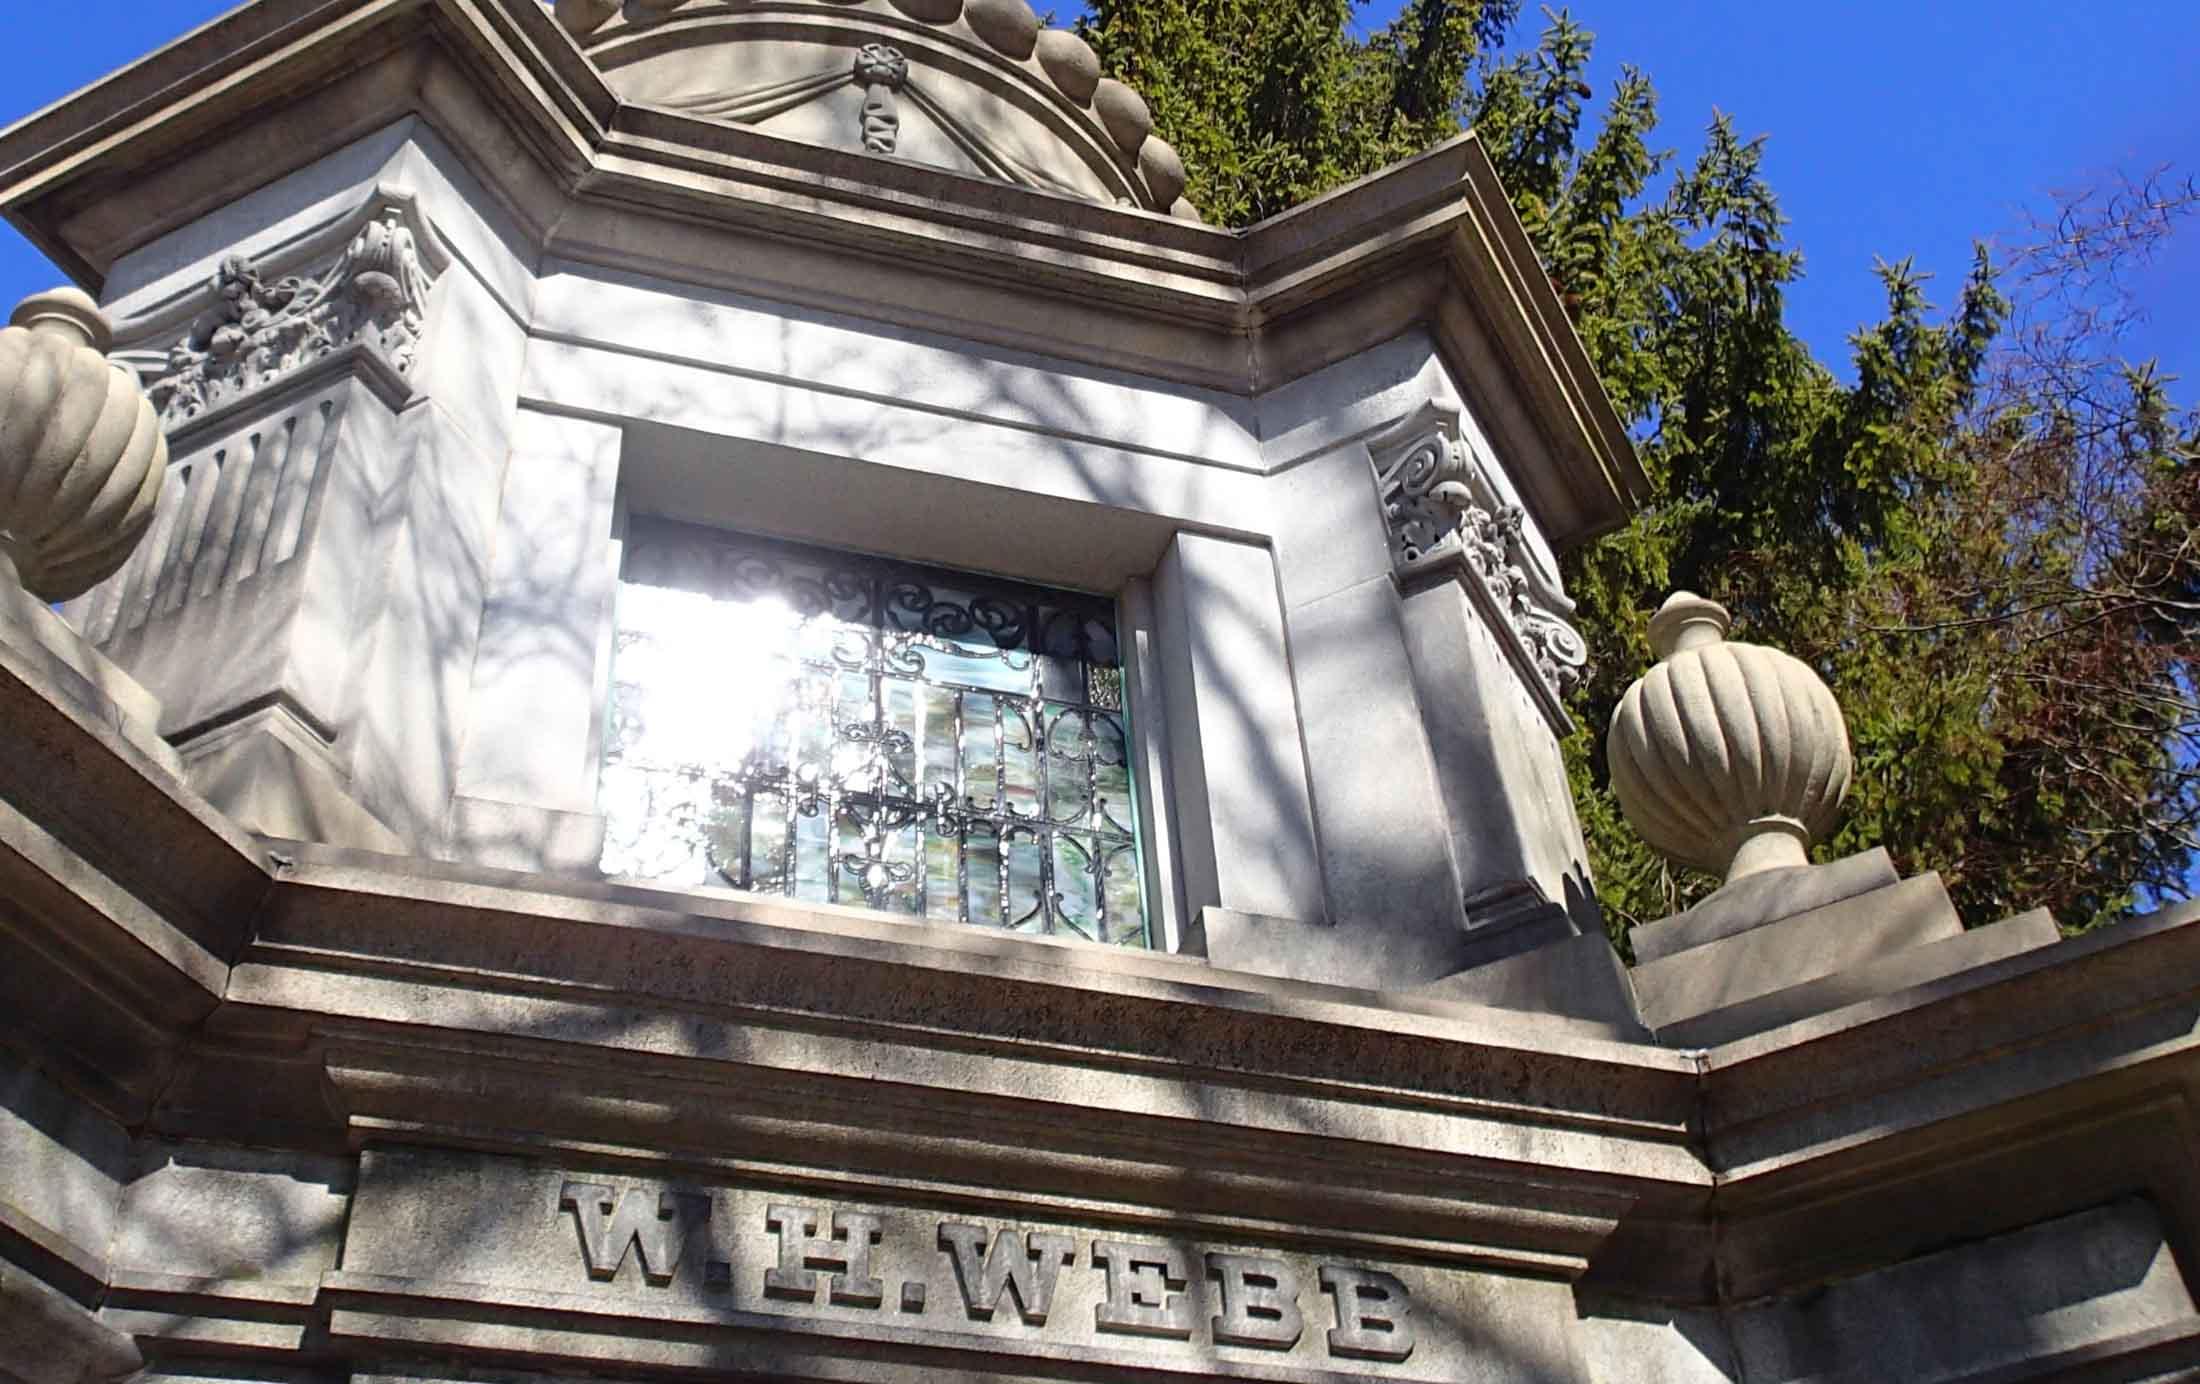 William Webb Mausoleum